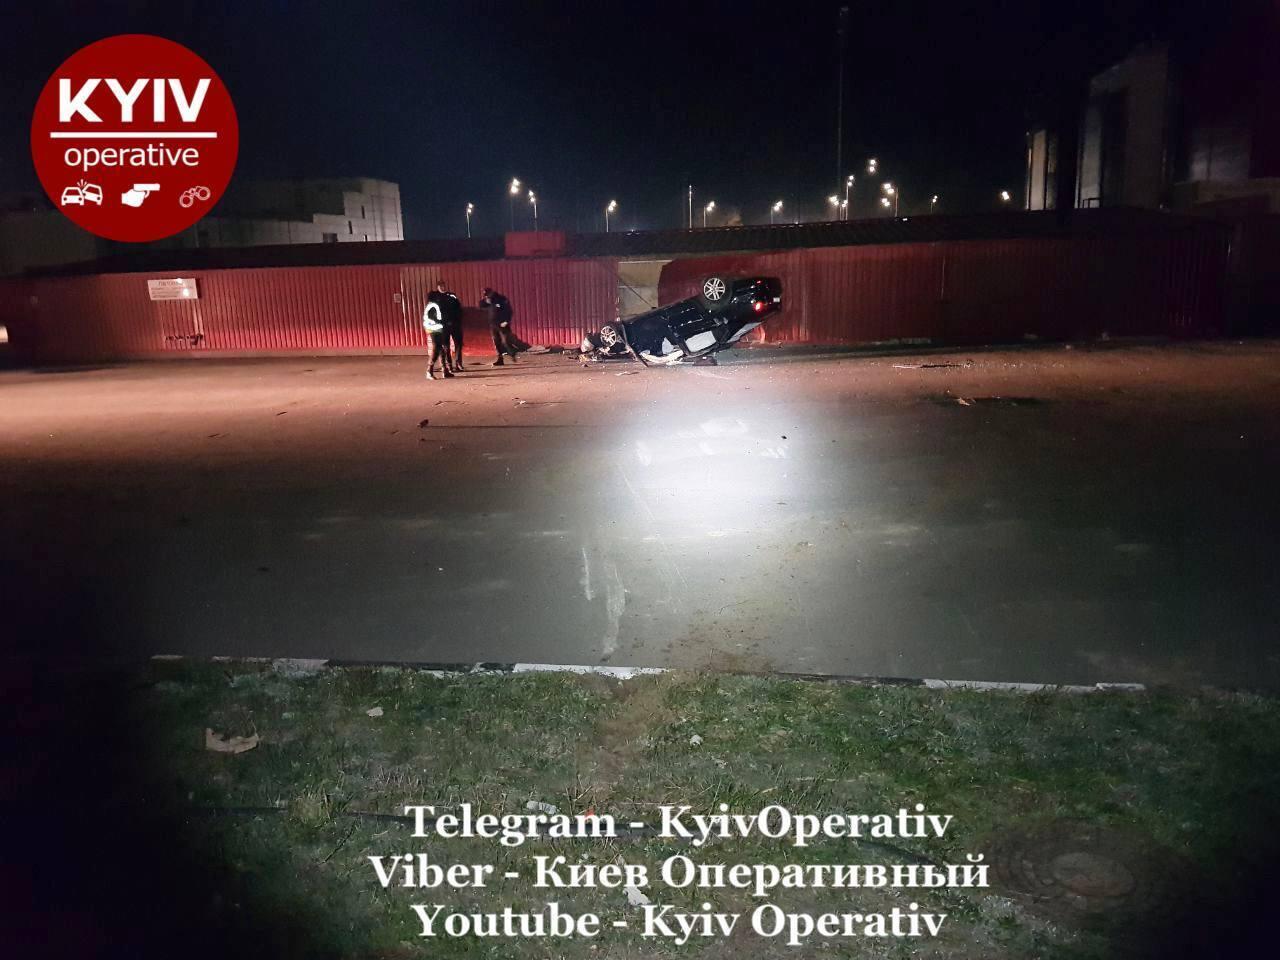 У Києві за день трапилося декілька великих ДТП: серед причин – п'яне водіння. Фото